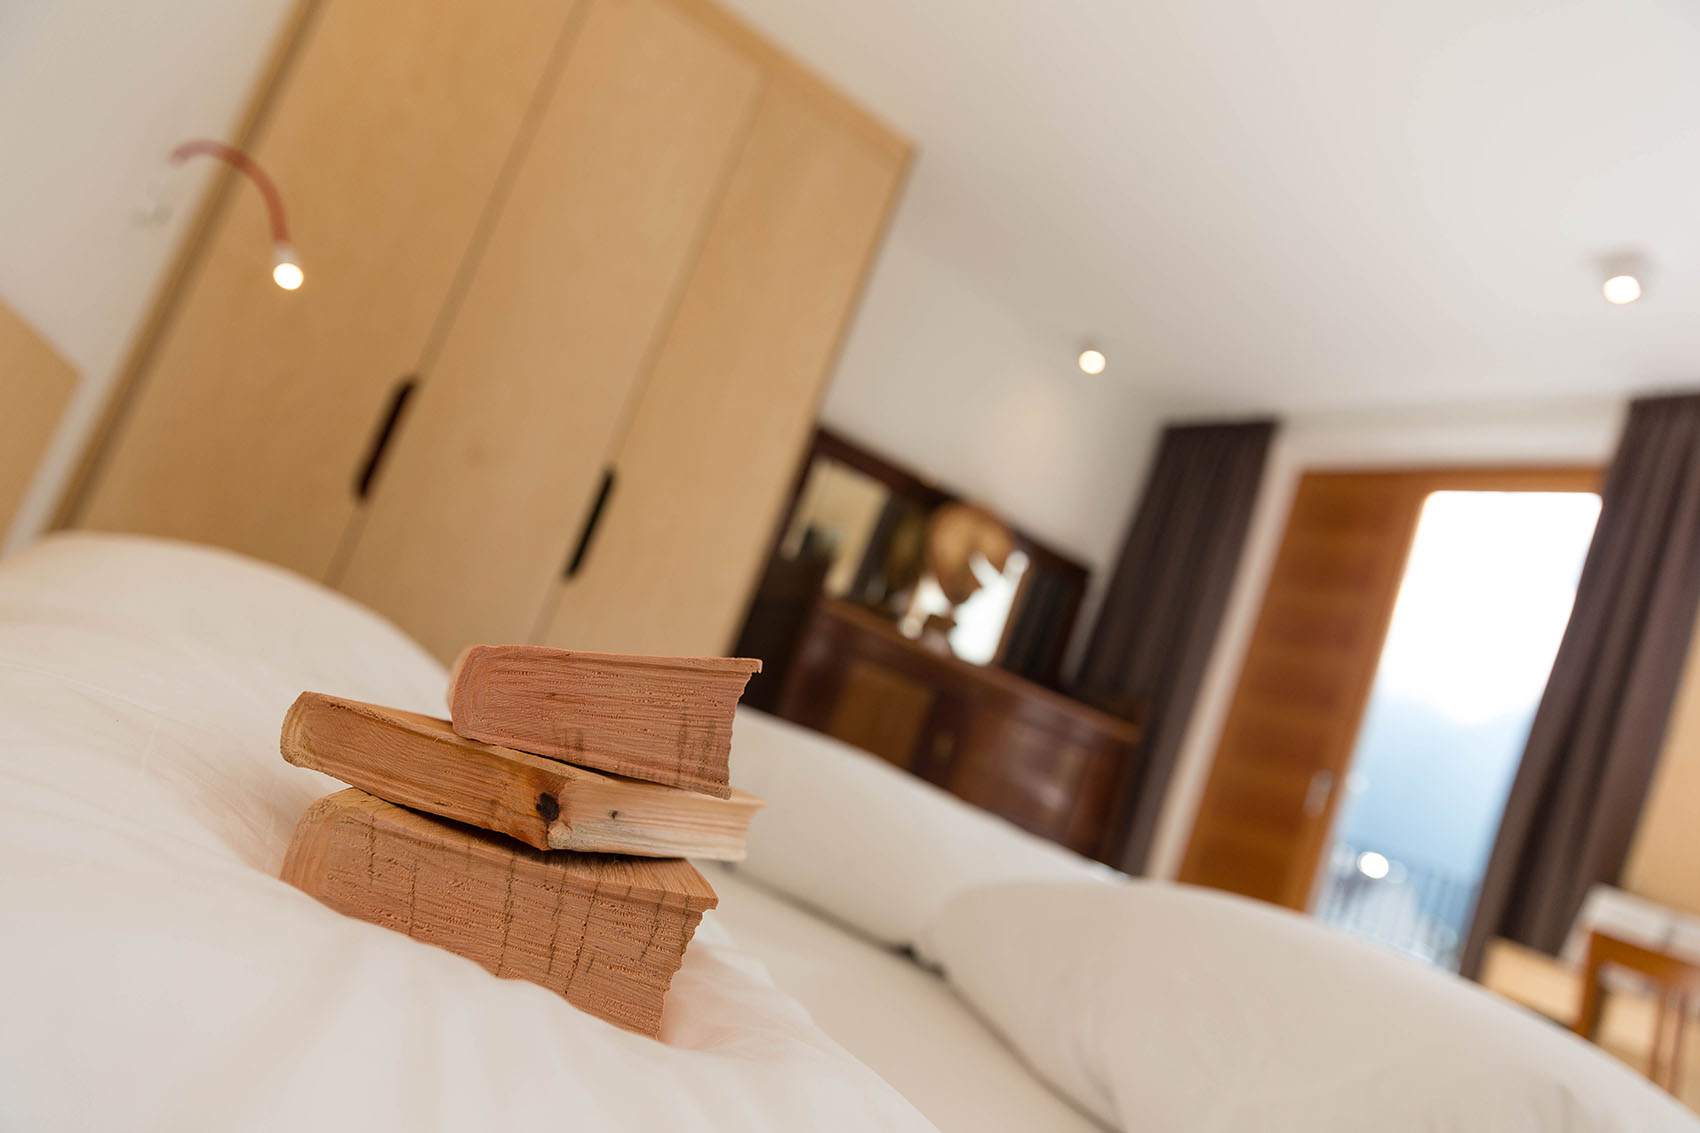 Kreatives wohnen kreuzwirt in naturns kleinkunst hotel for Kreatives wohnen